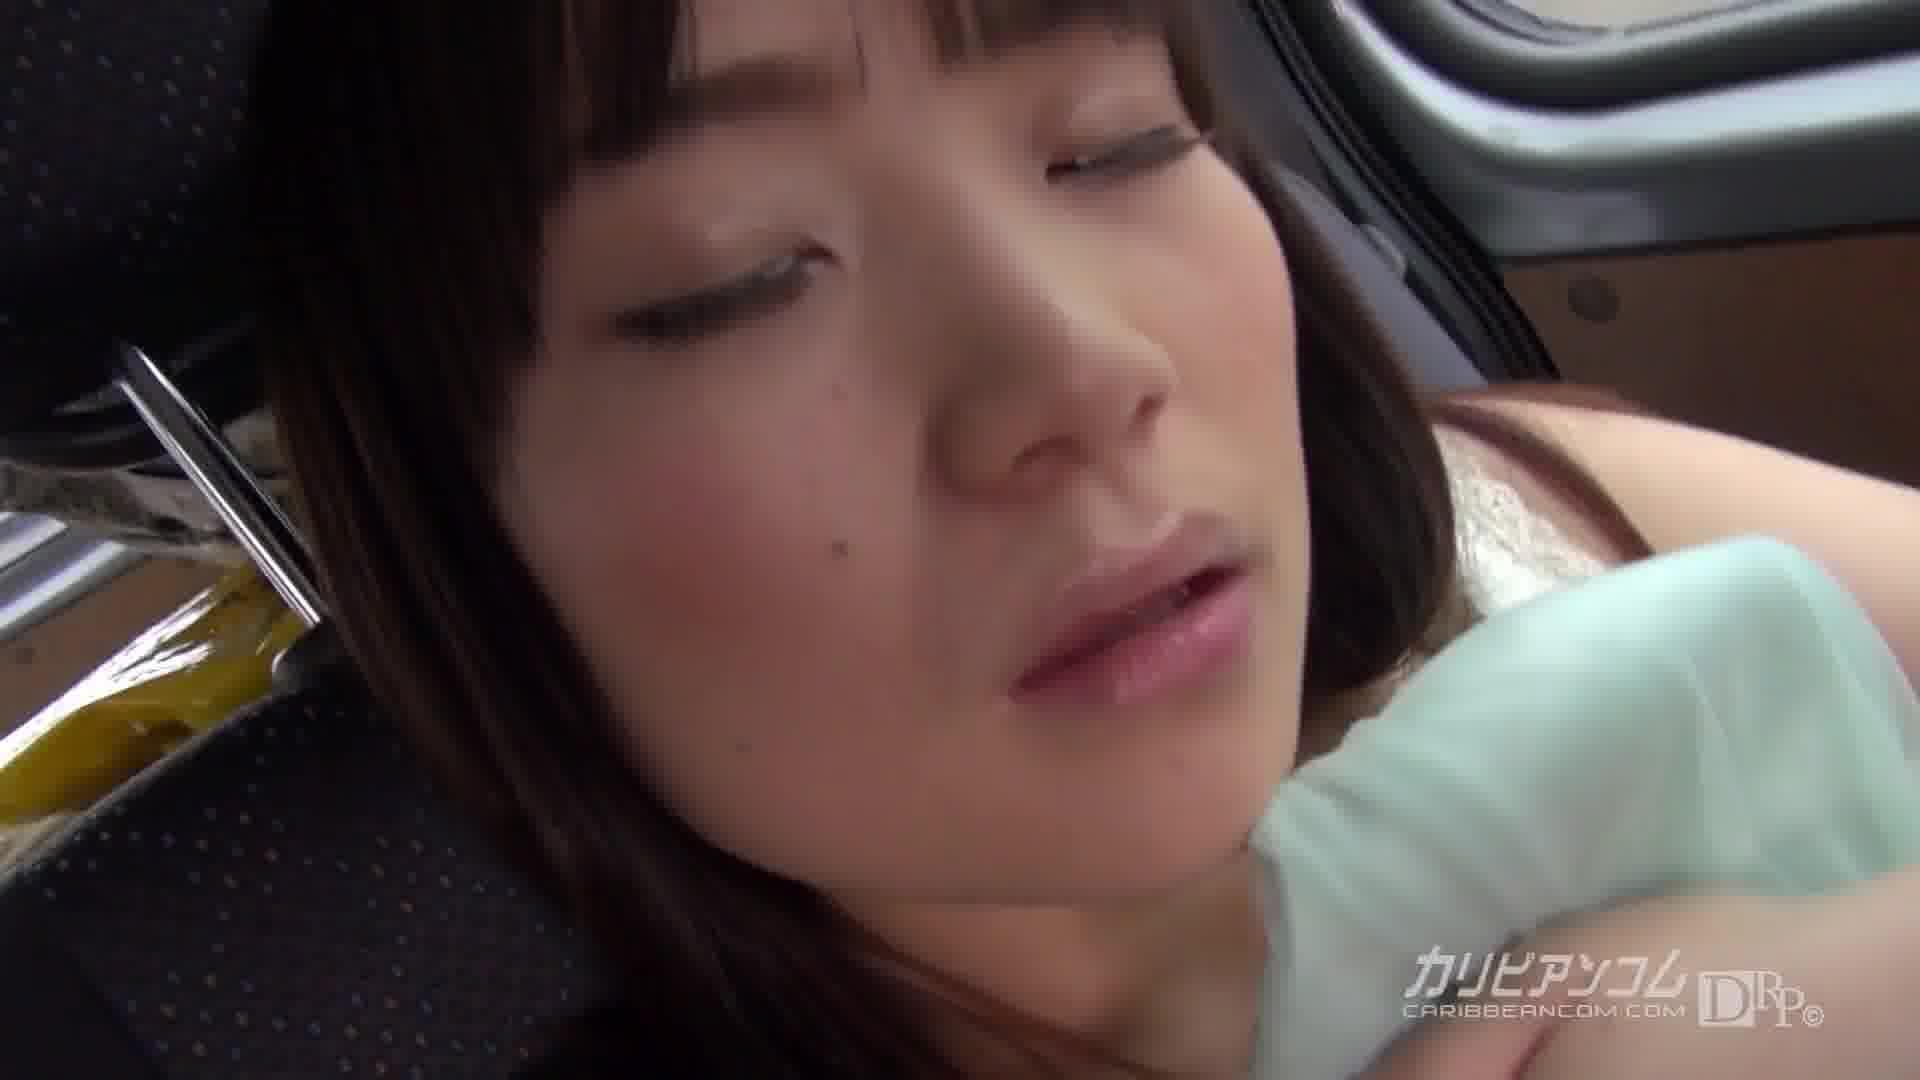 100センチオーバーの巨乳むすめはヤリマン女だった - 持田美琴【痴女・ナンパ・巨乳】